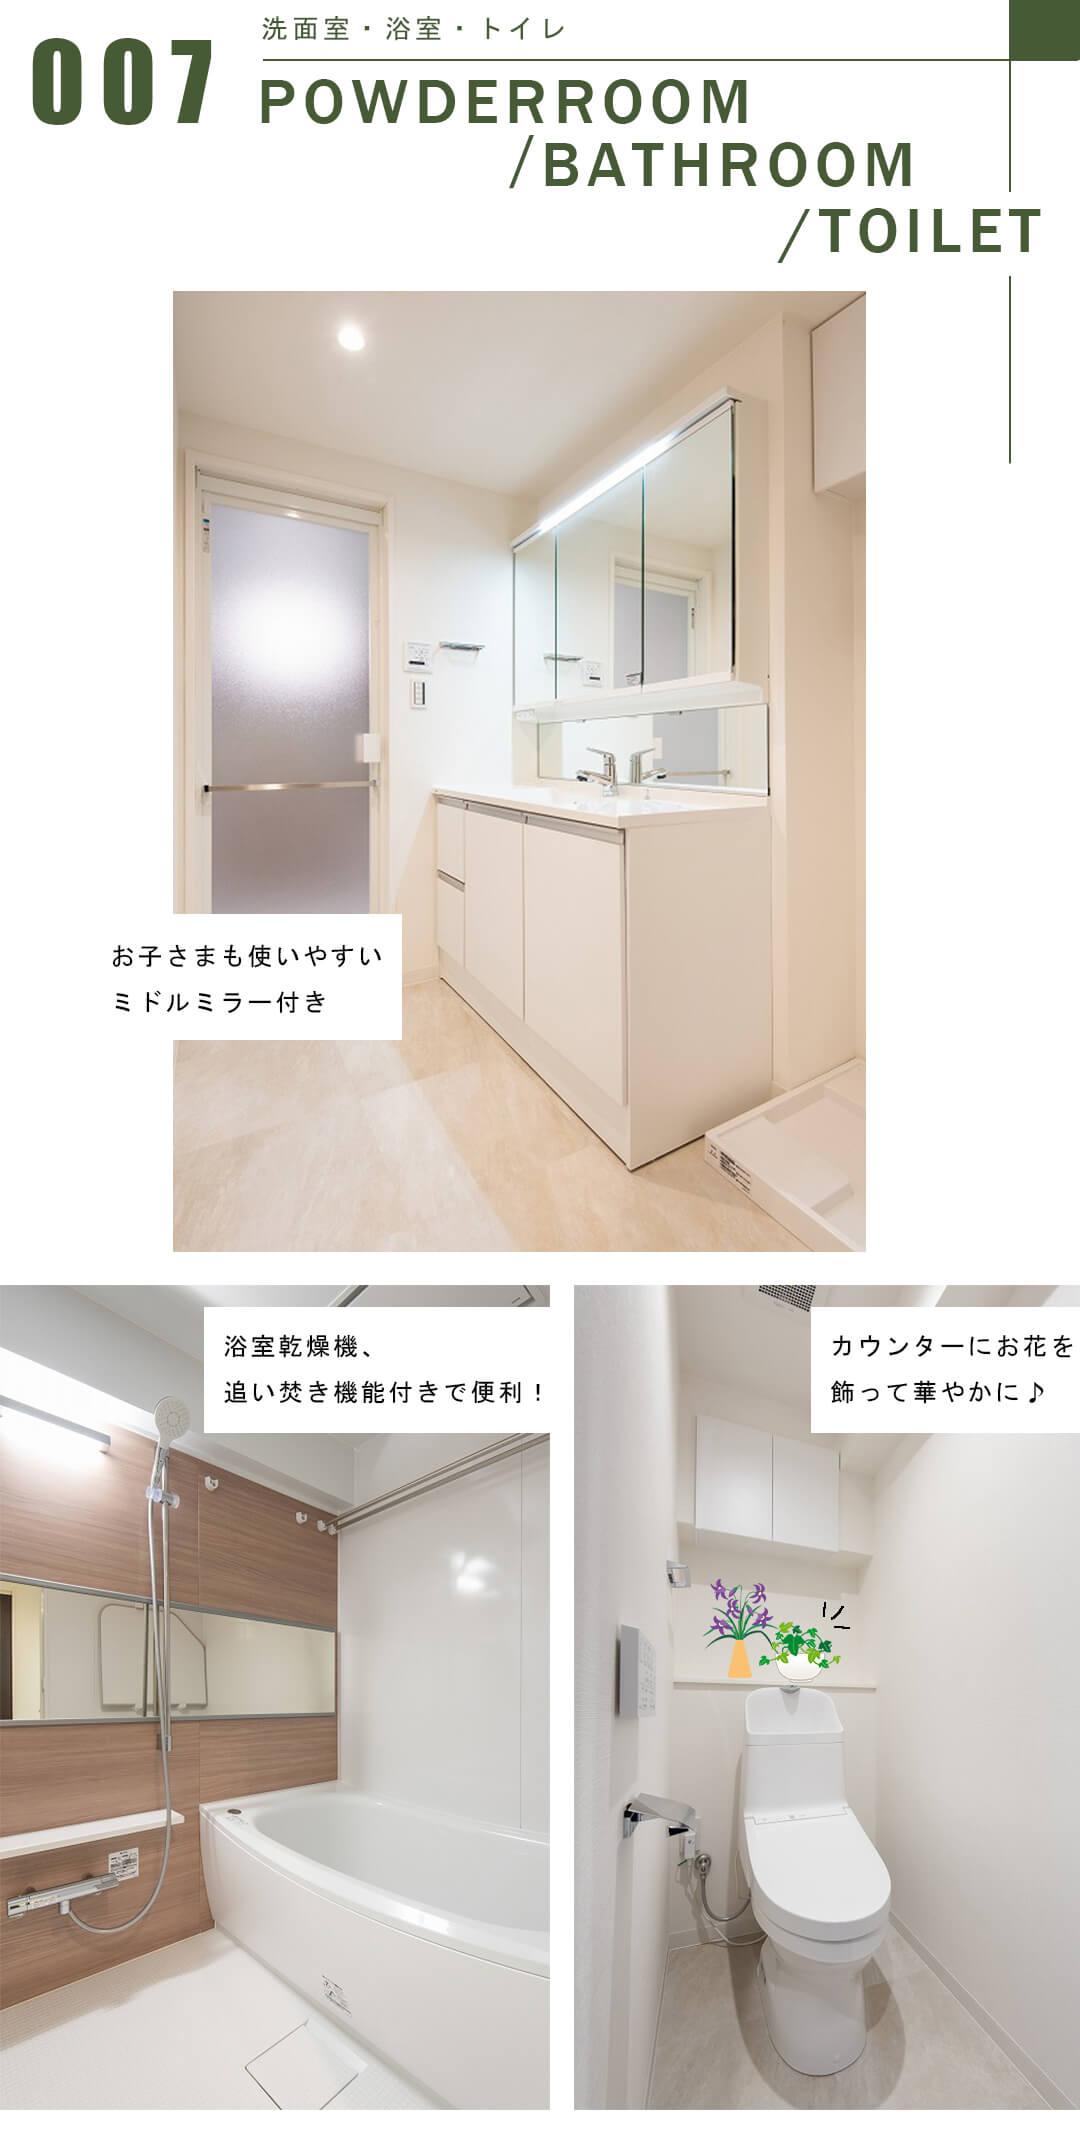 コート吉祥寺の洗面室と浴室とトイレ